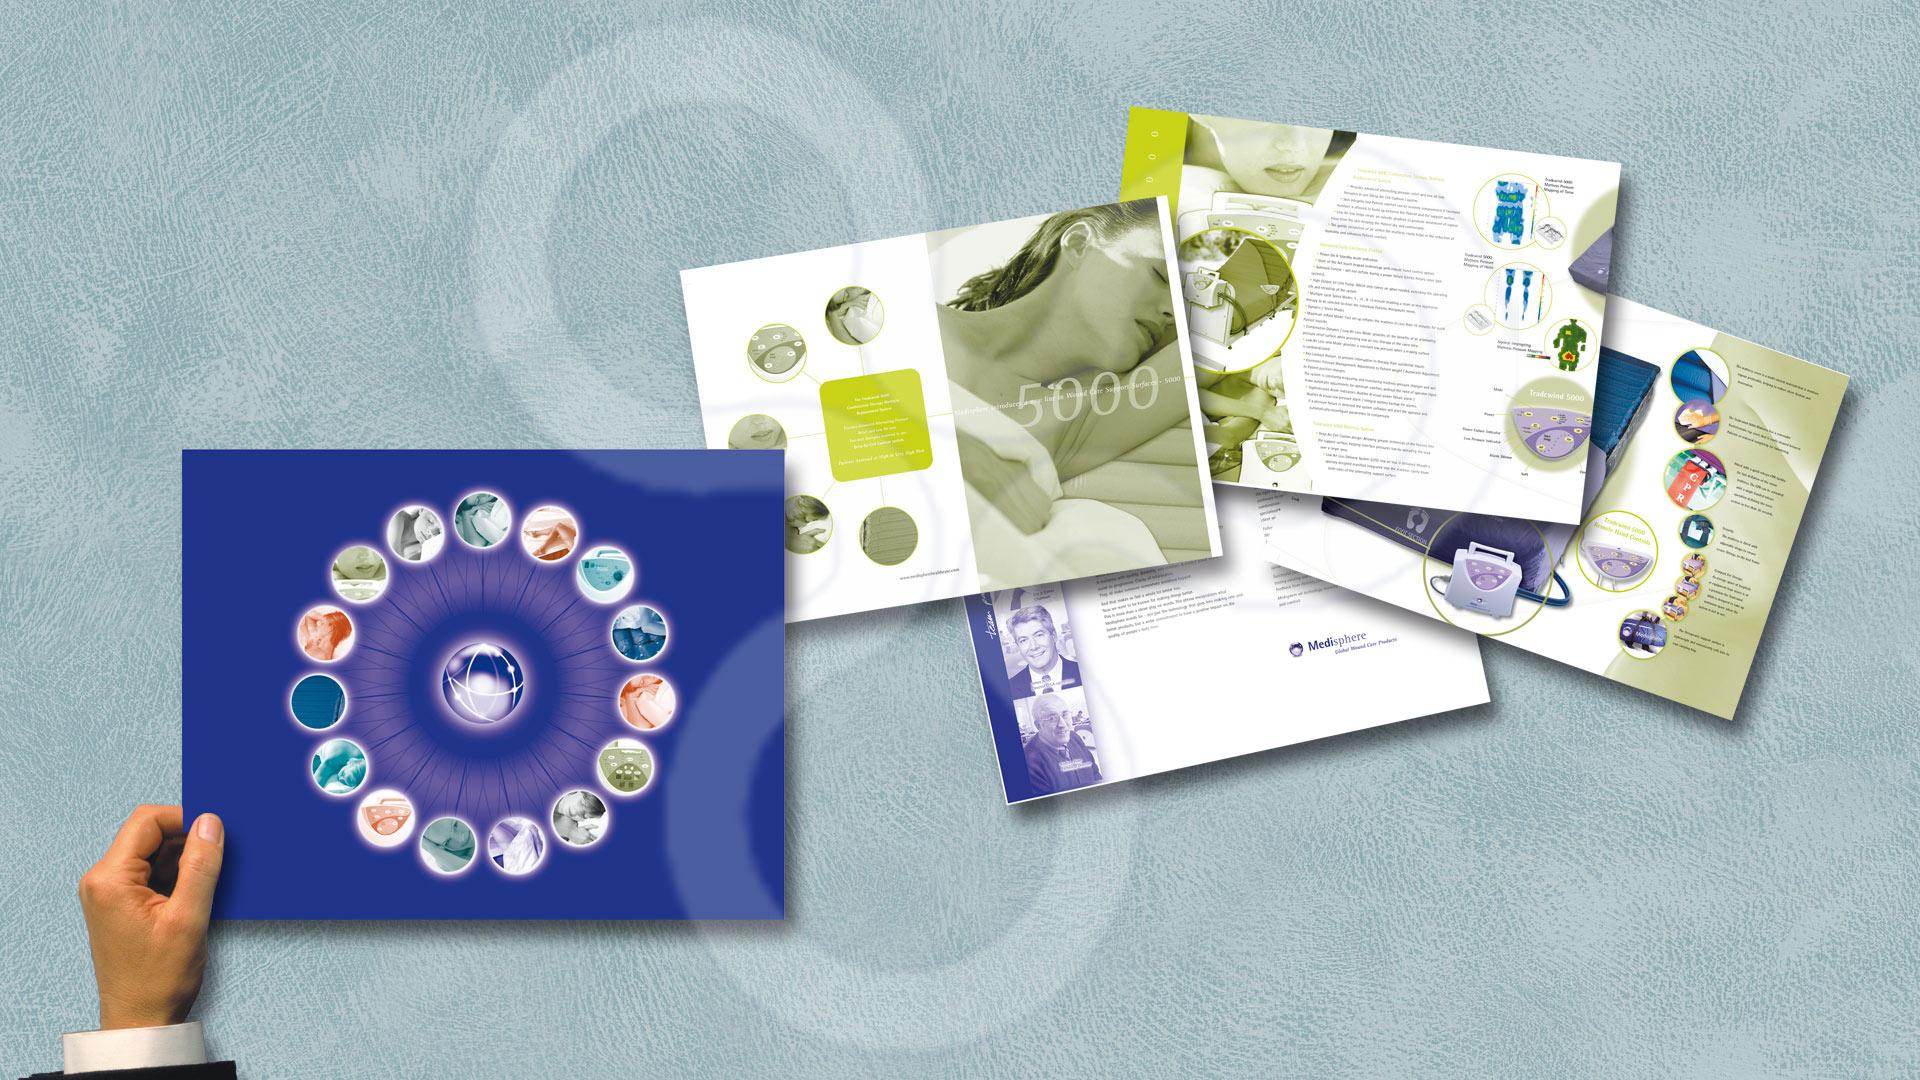 Identidad corporativa y catálogos para Medisphere Heatl Care